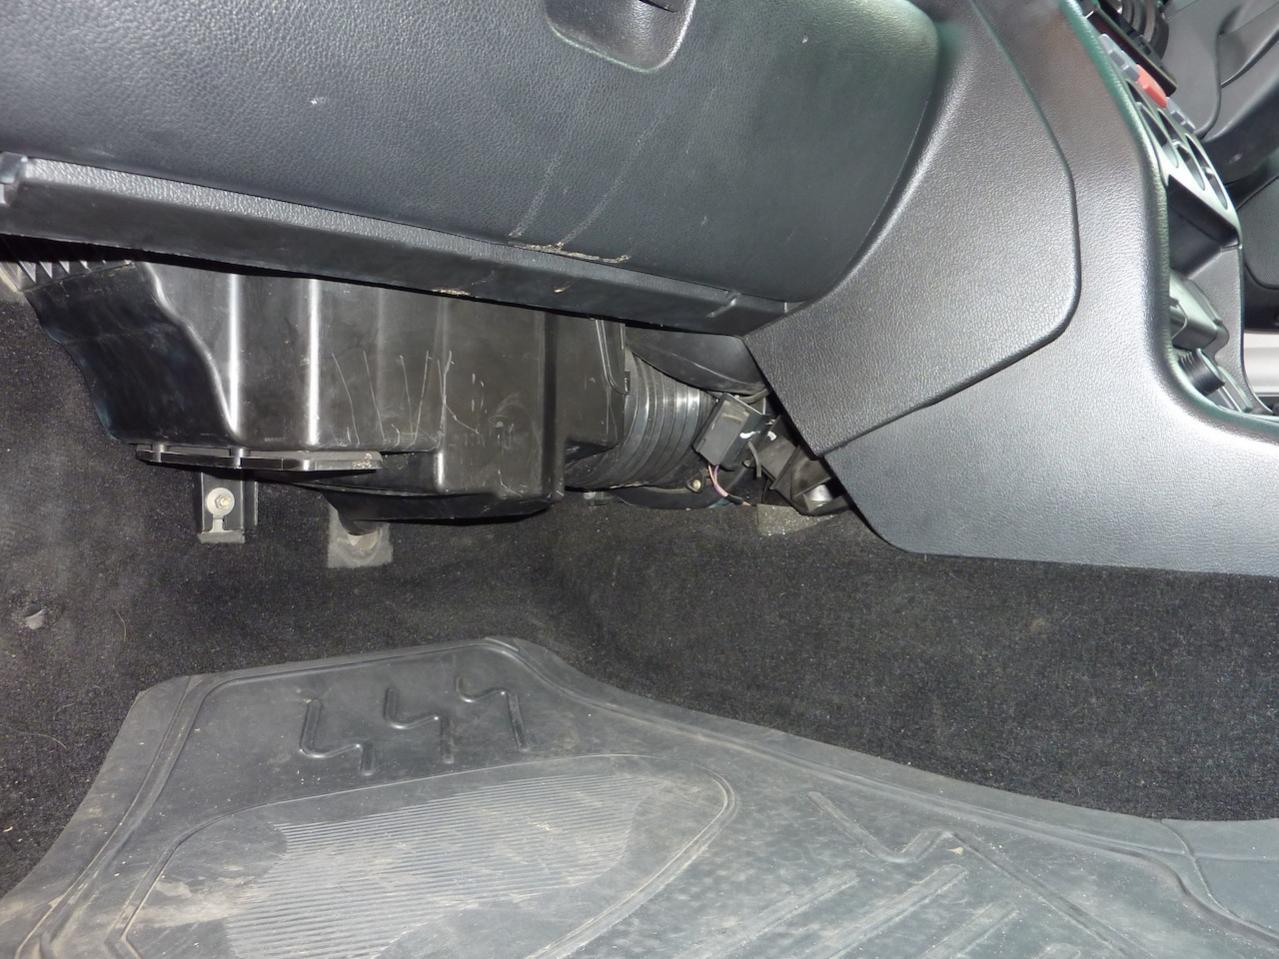 Freelander 2001 TD4 OBDII Socket or Not?? | LandyZone - Land